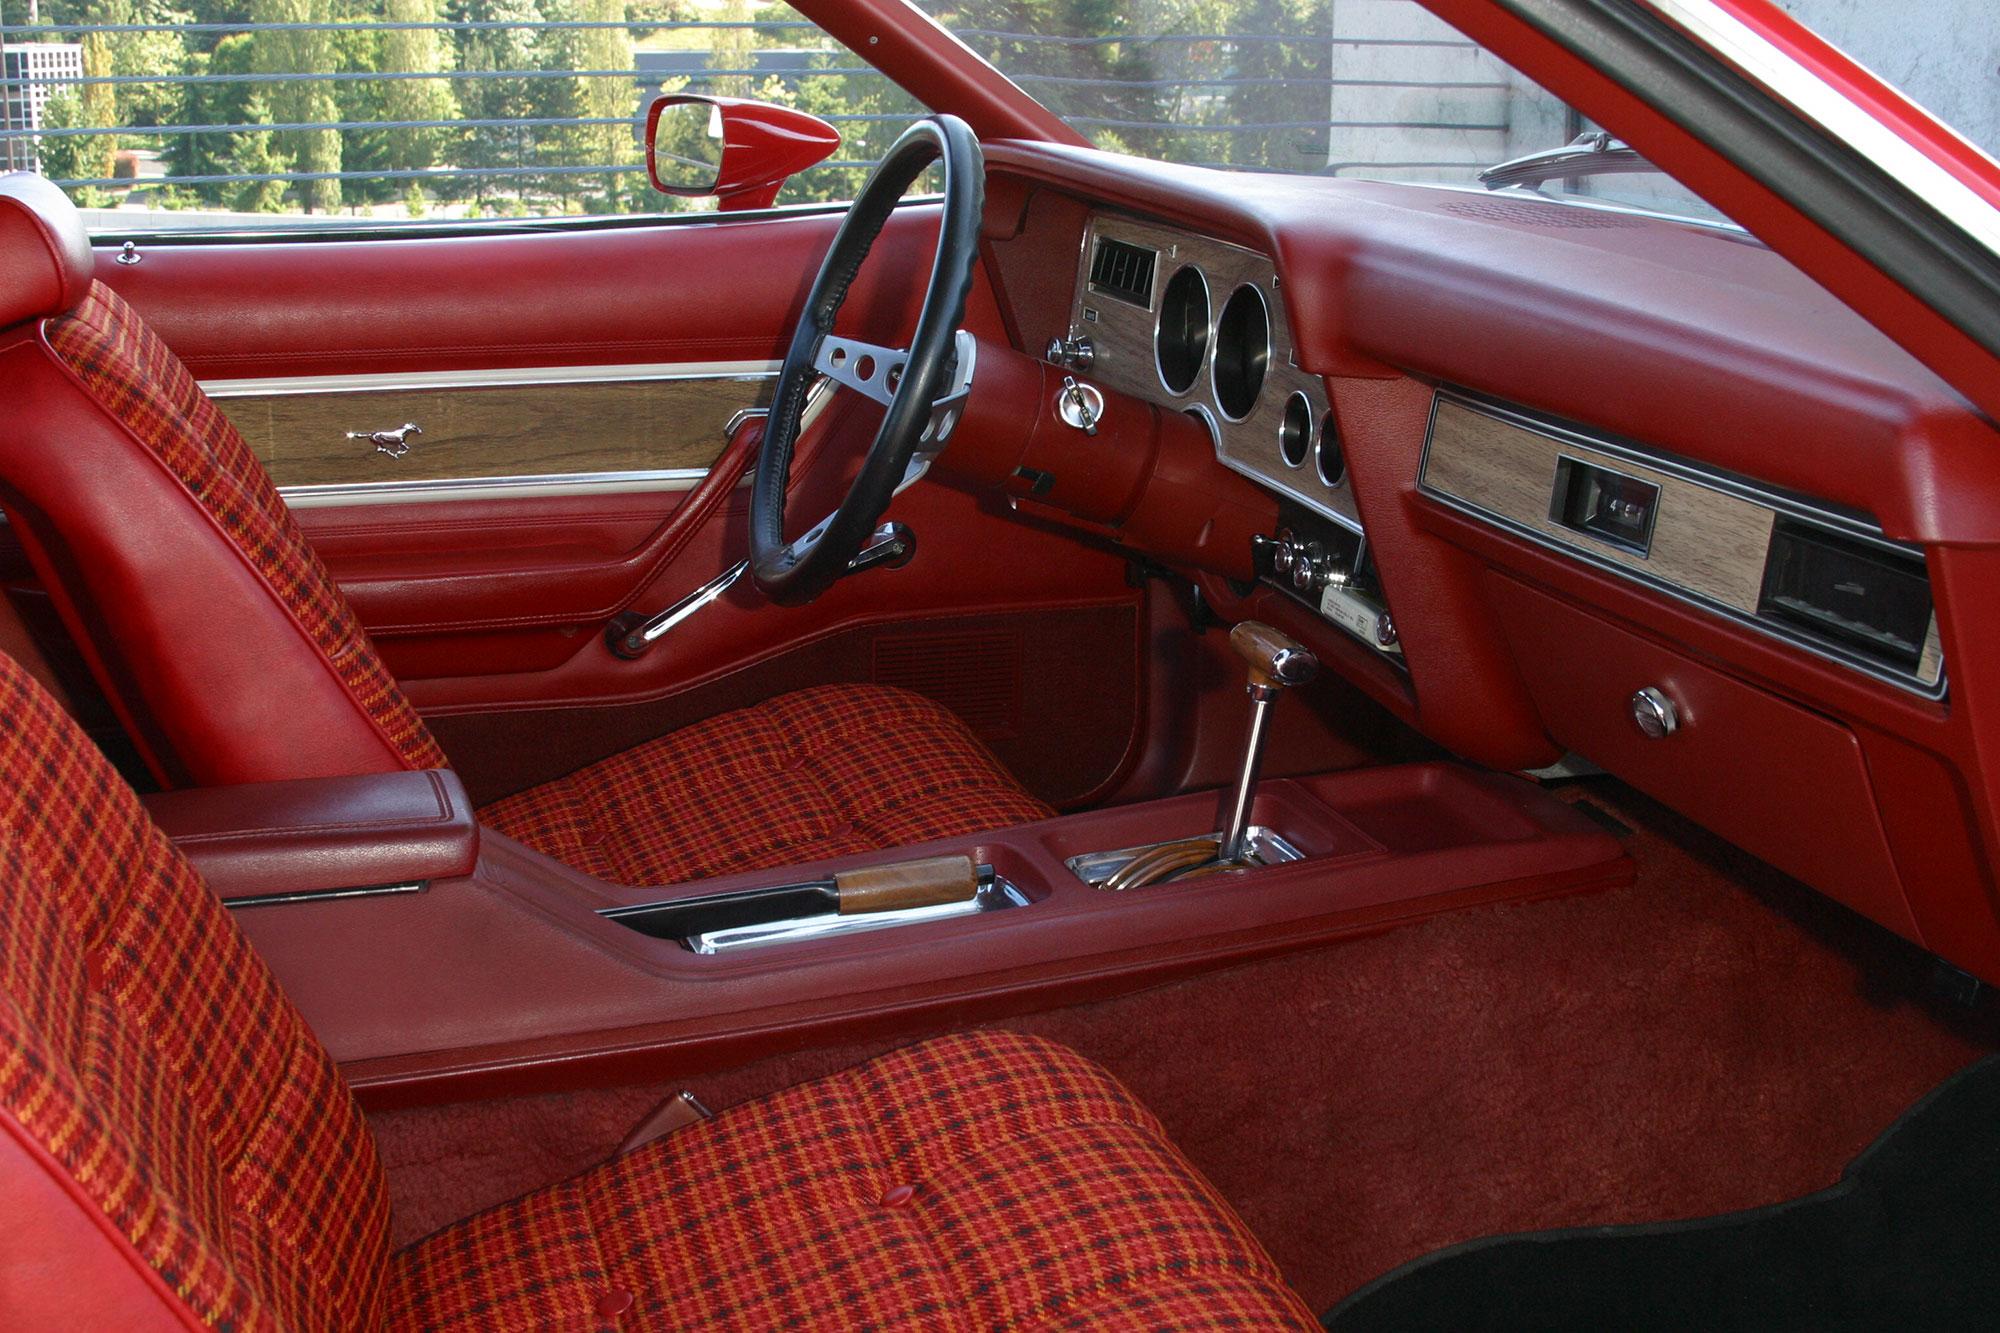 Mustang II interior